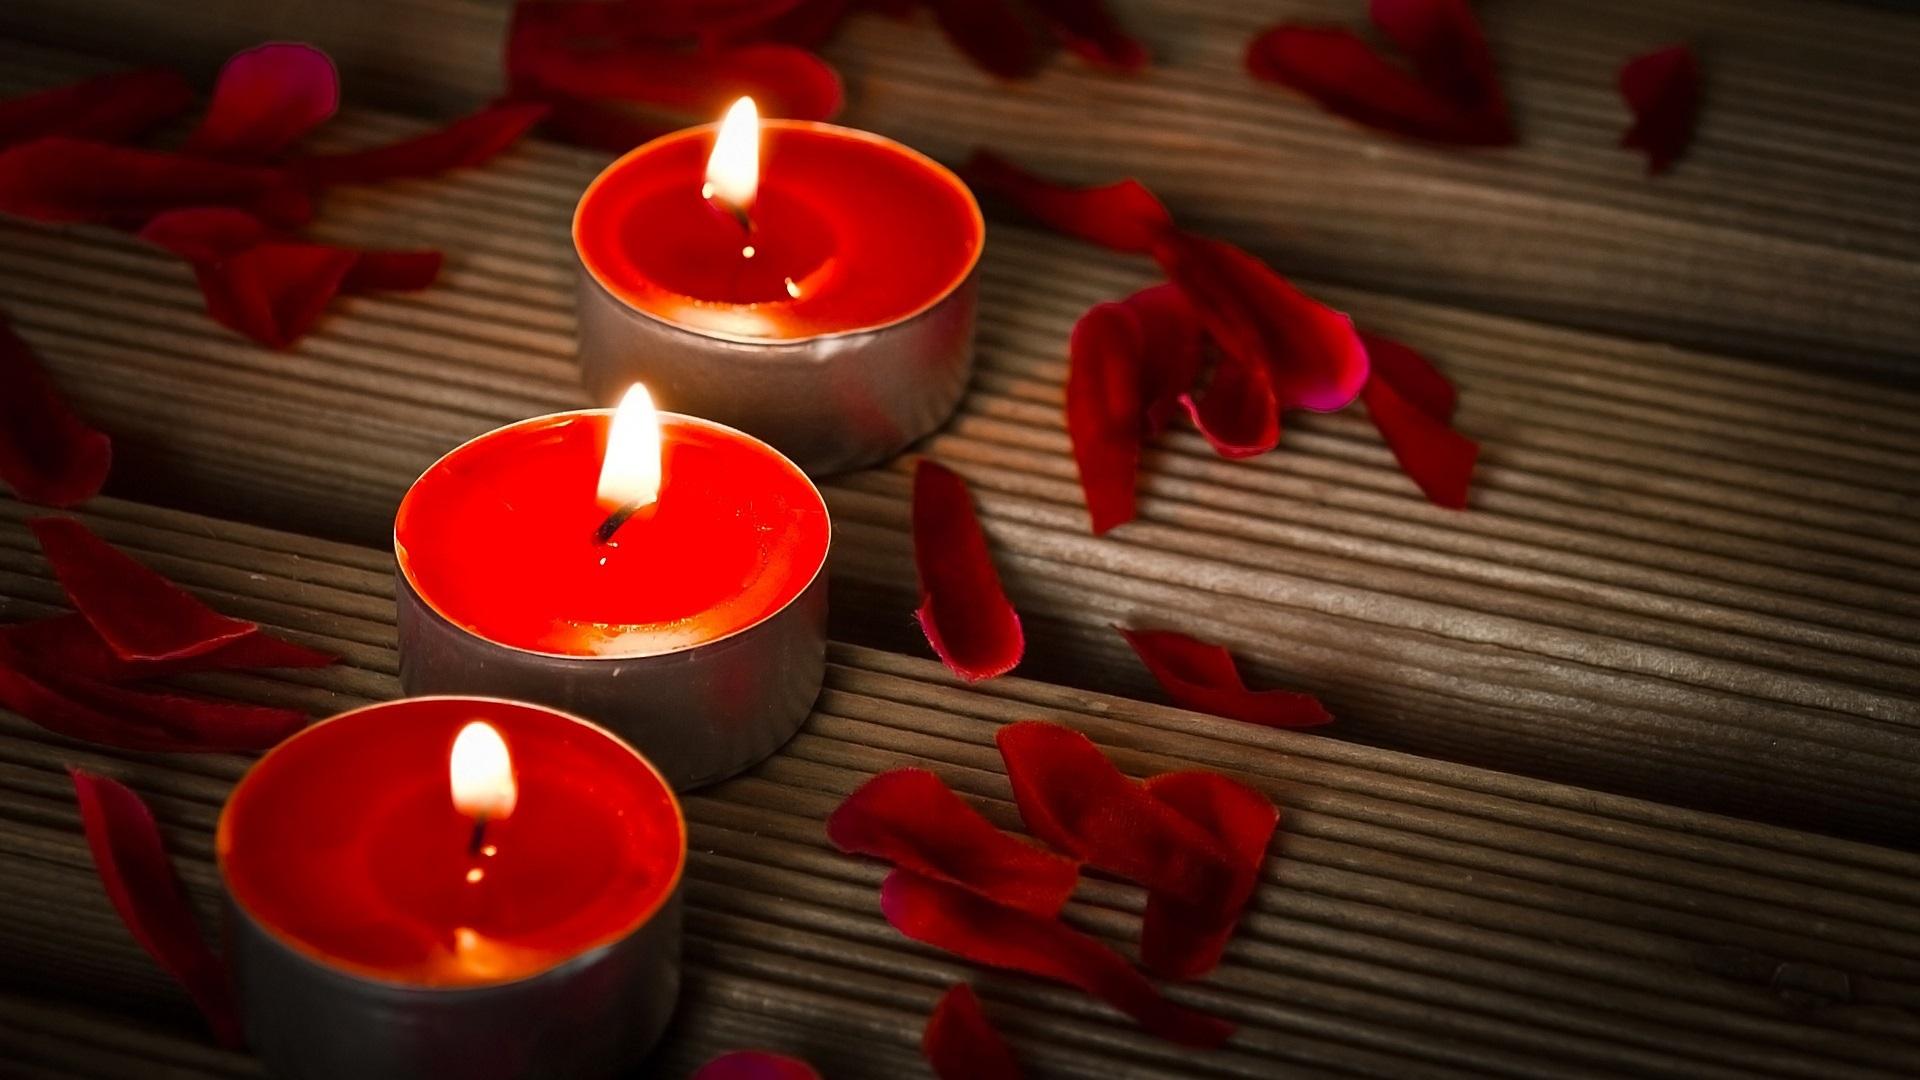 Free Images : petal, dark, floral, celebration, red, holiday